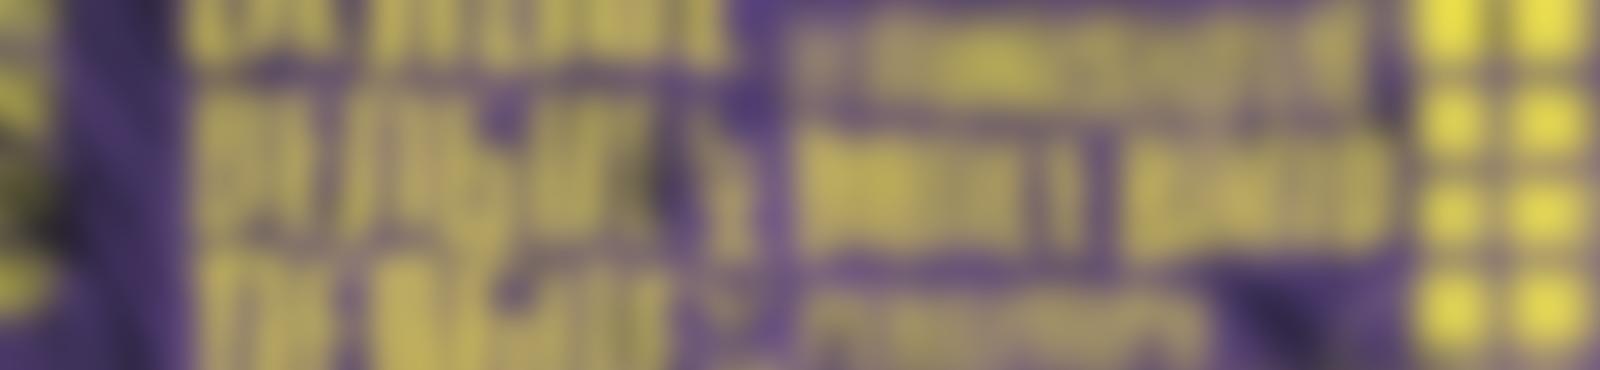 Blurred 5d9402ad fbde 4dc6 8563 3b37c4b67ee6